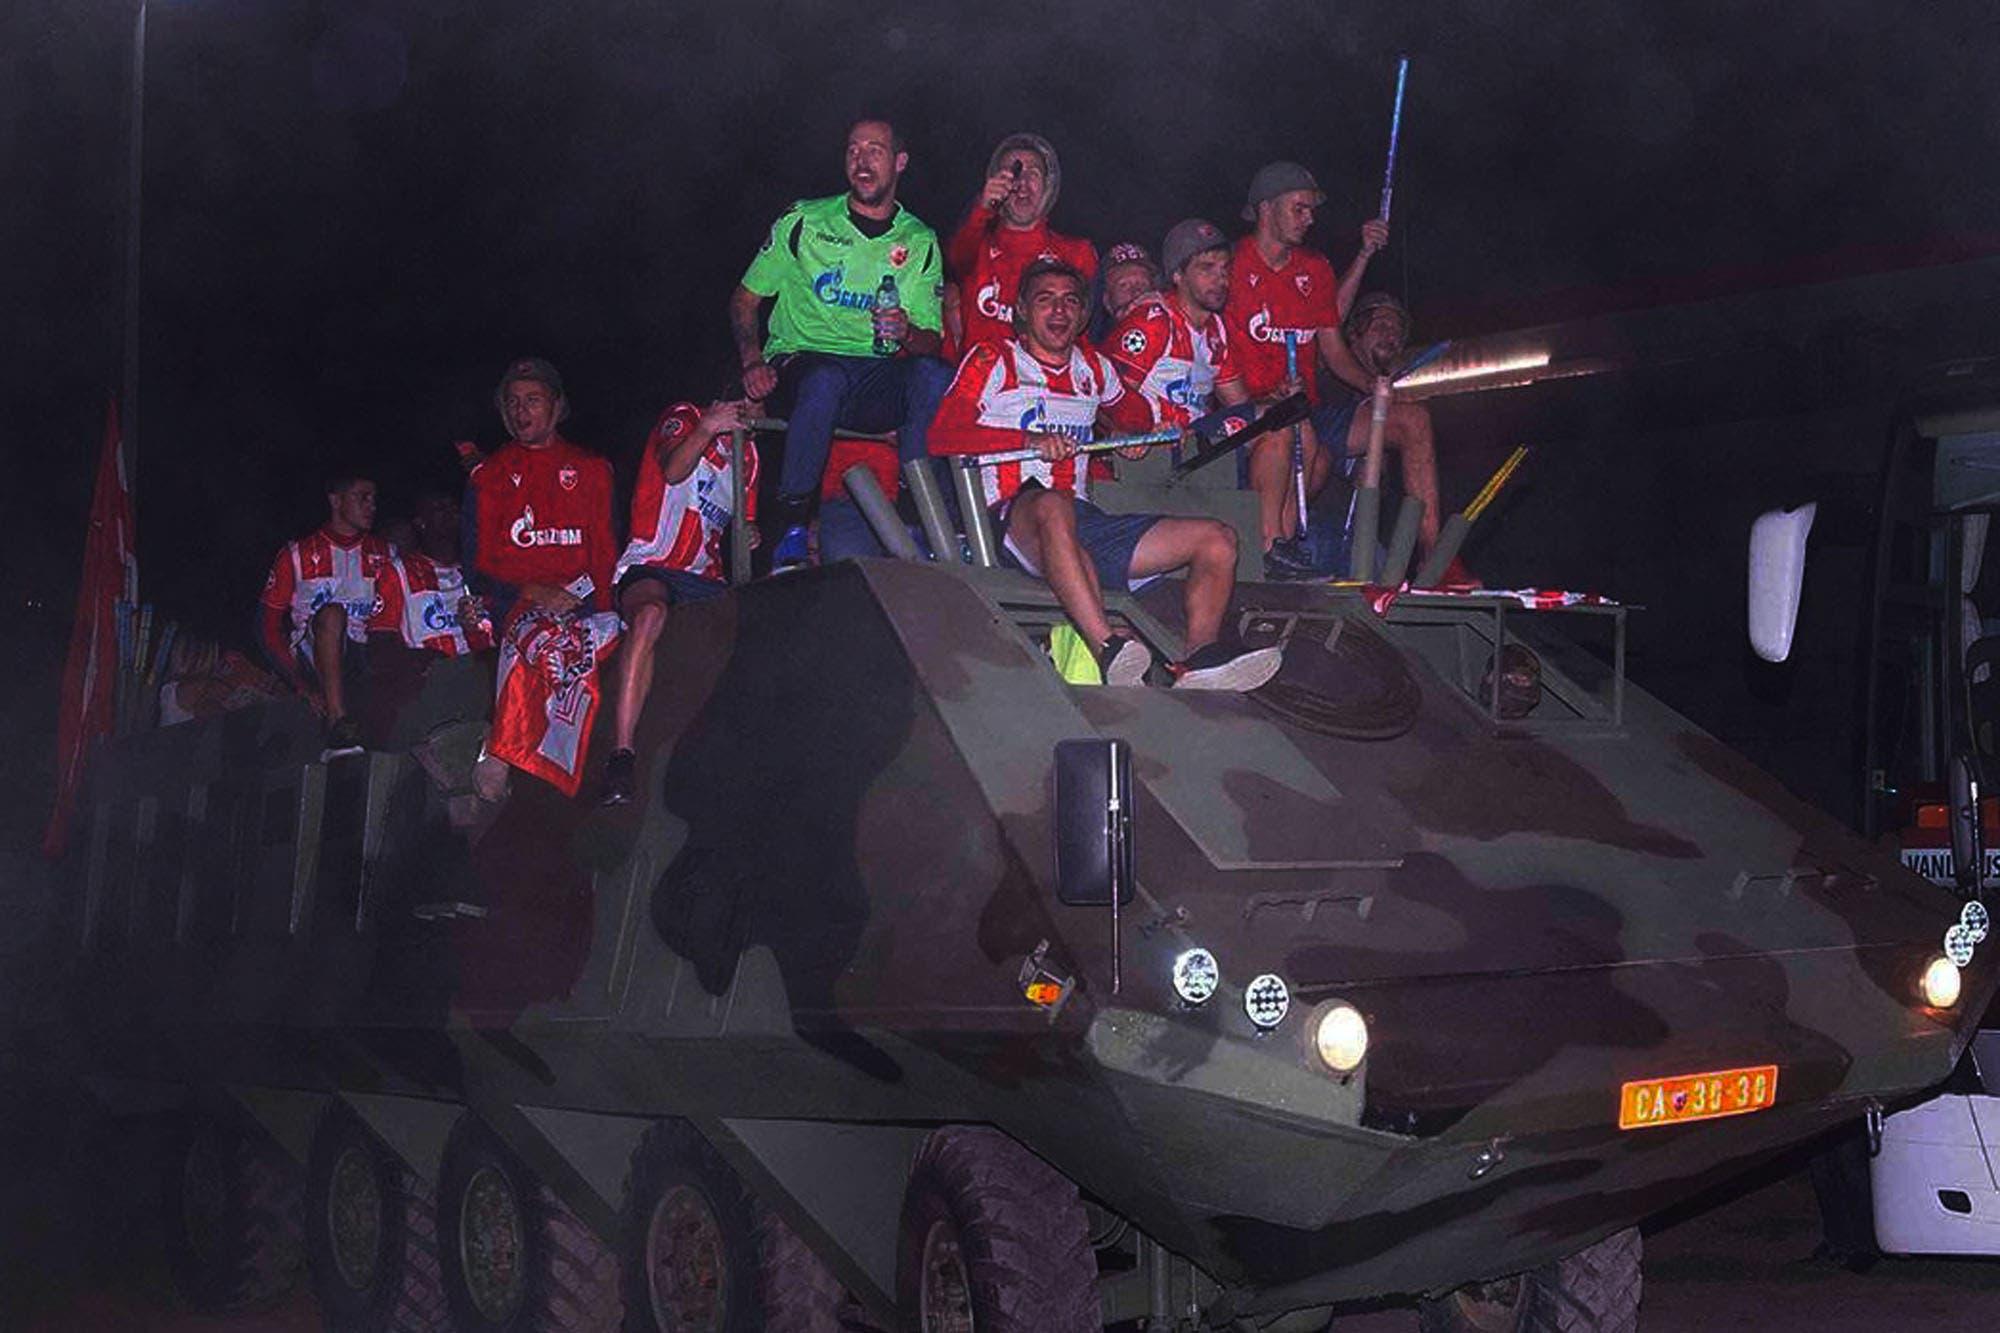 Mateo García, el argentino campeón en Estrella Roja, donde los festejos son en un tanque de guerra por las calles